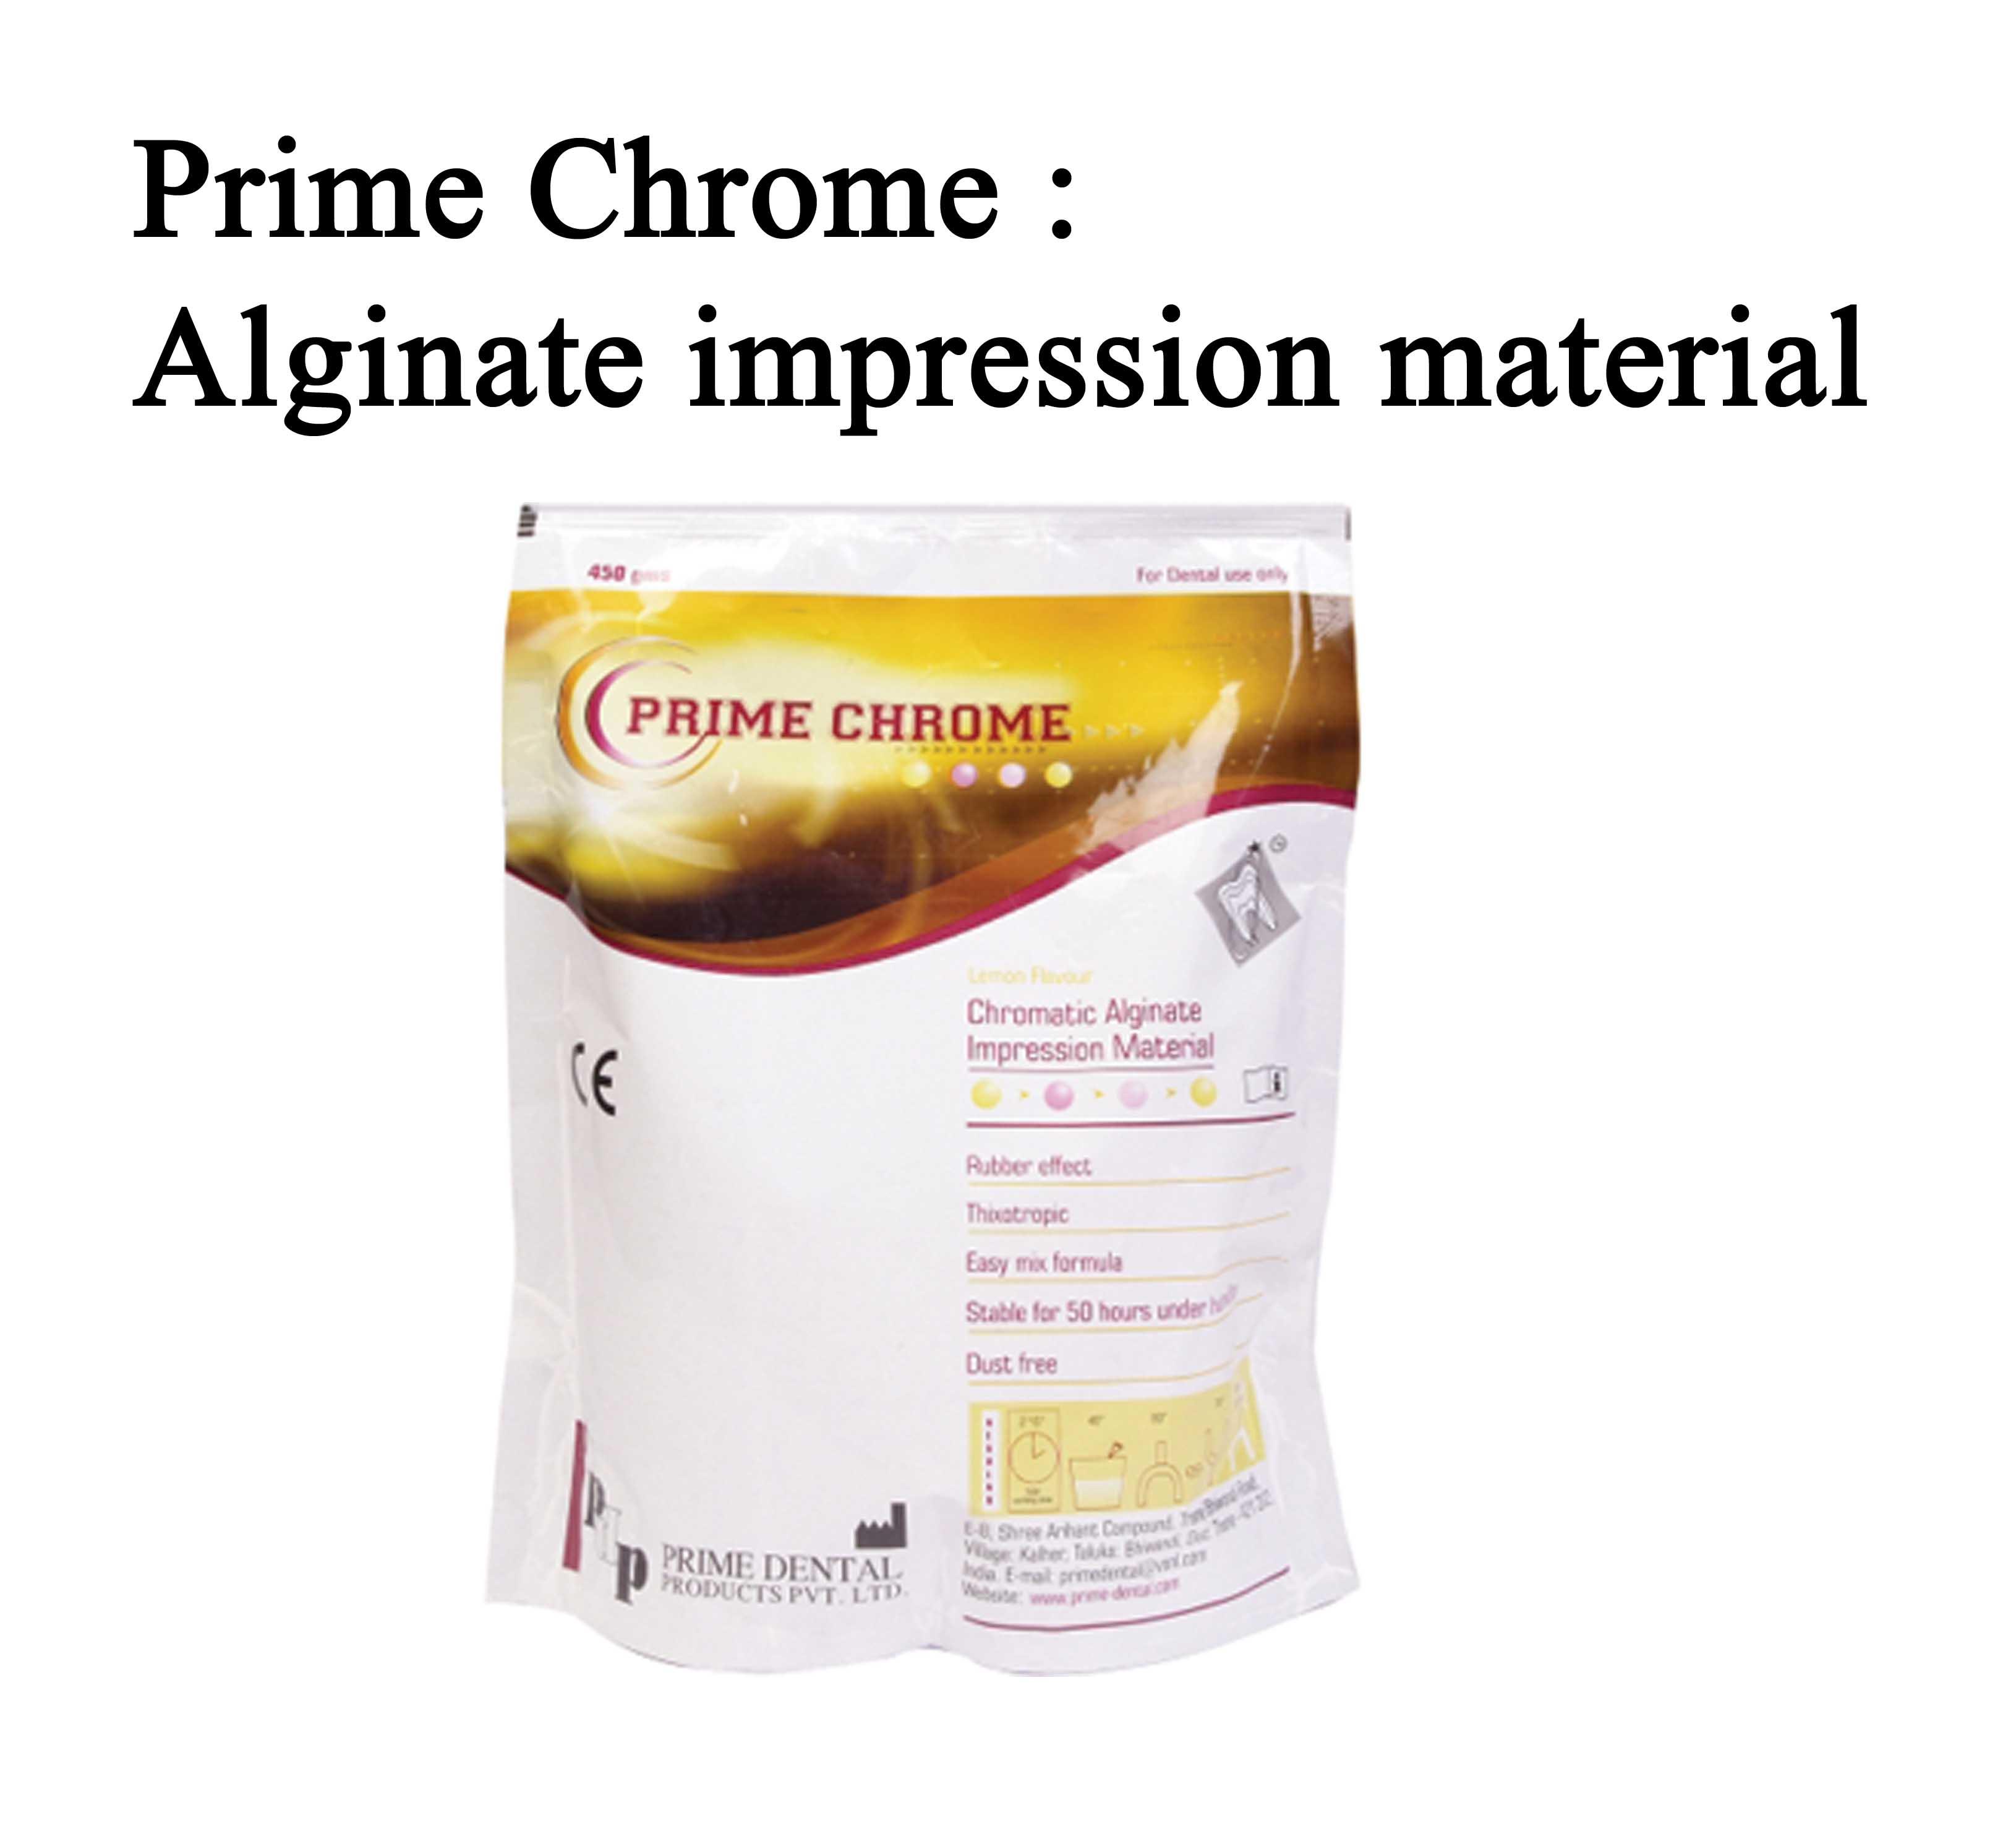 Prime Chrome